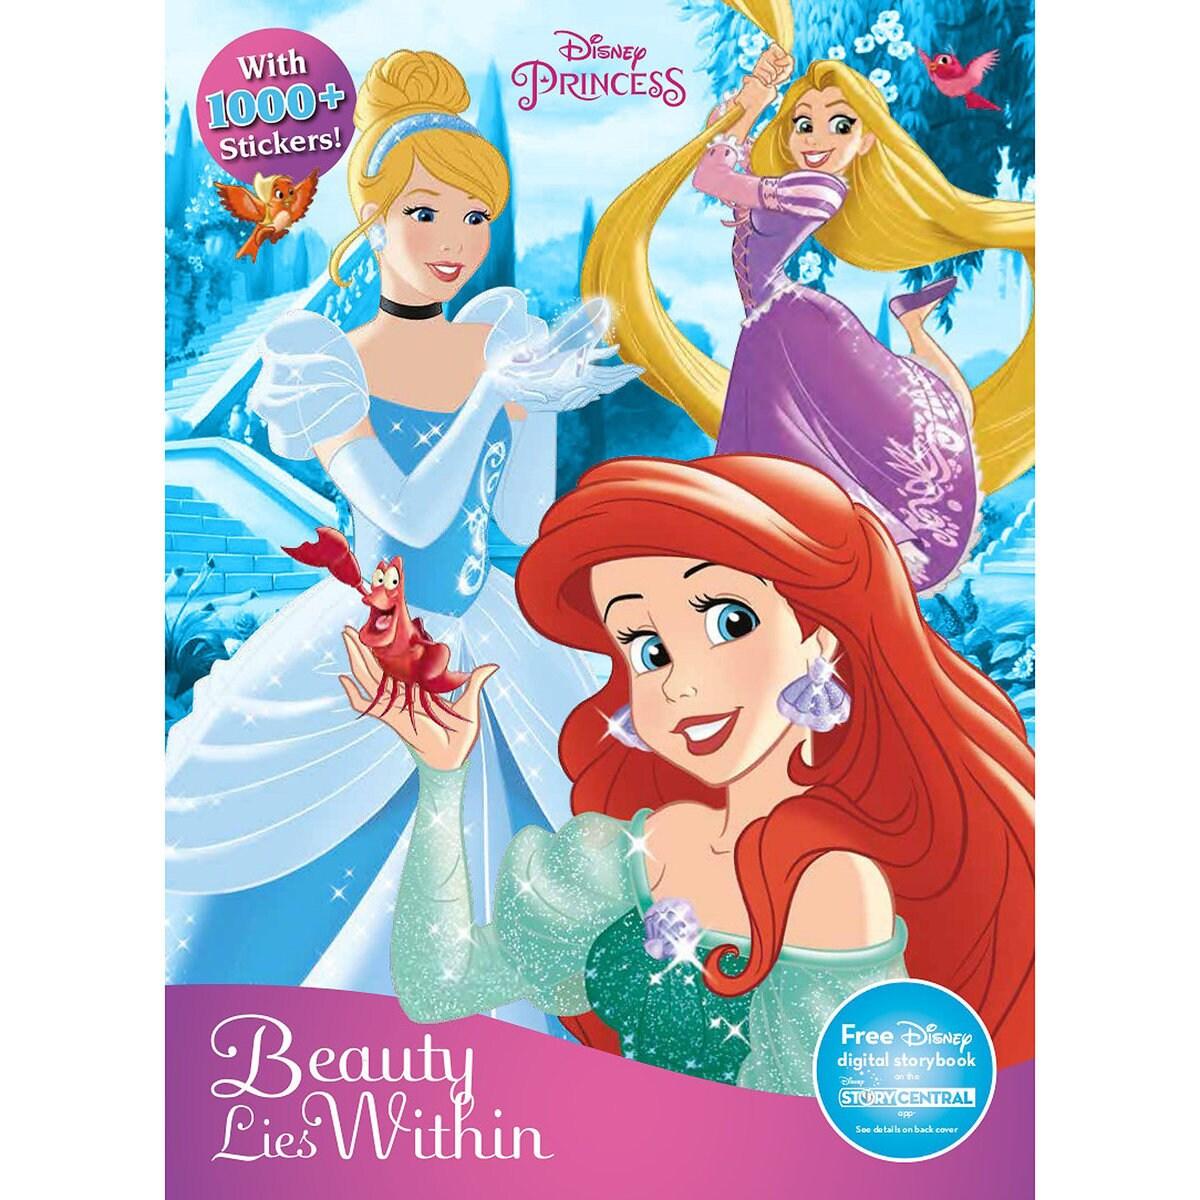 Disney Princess Sticker Treasury Book